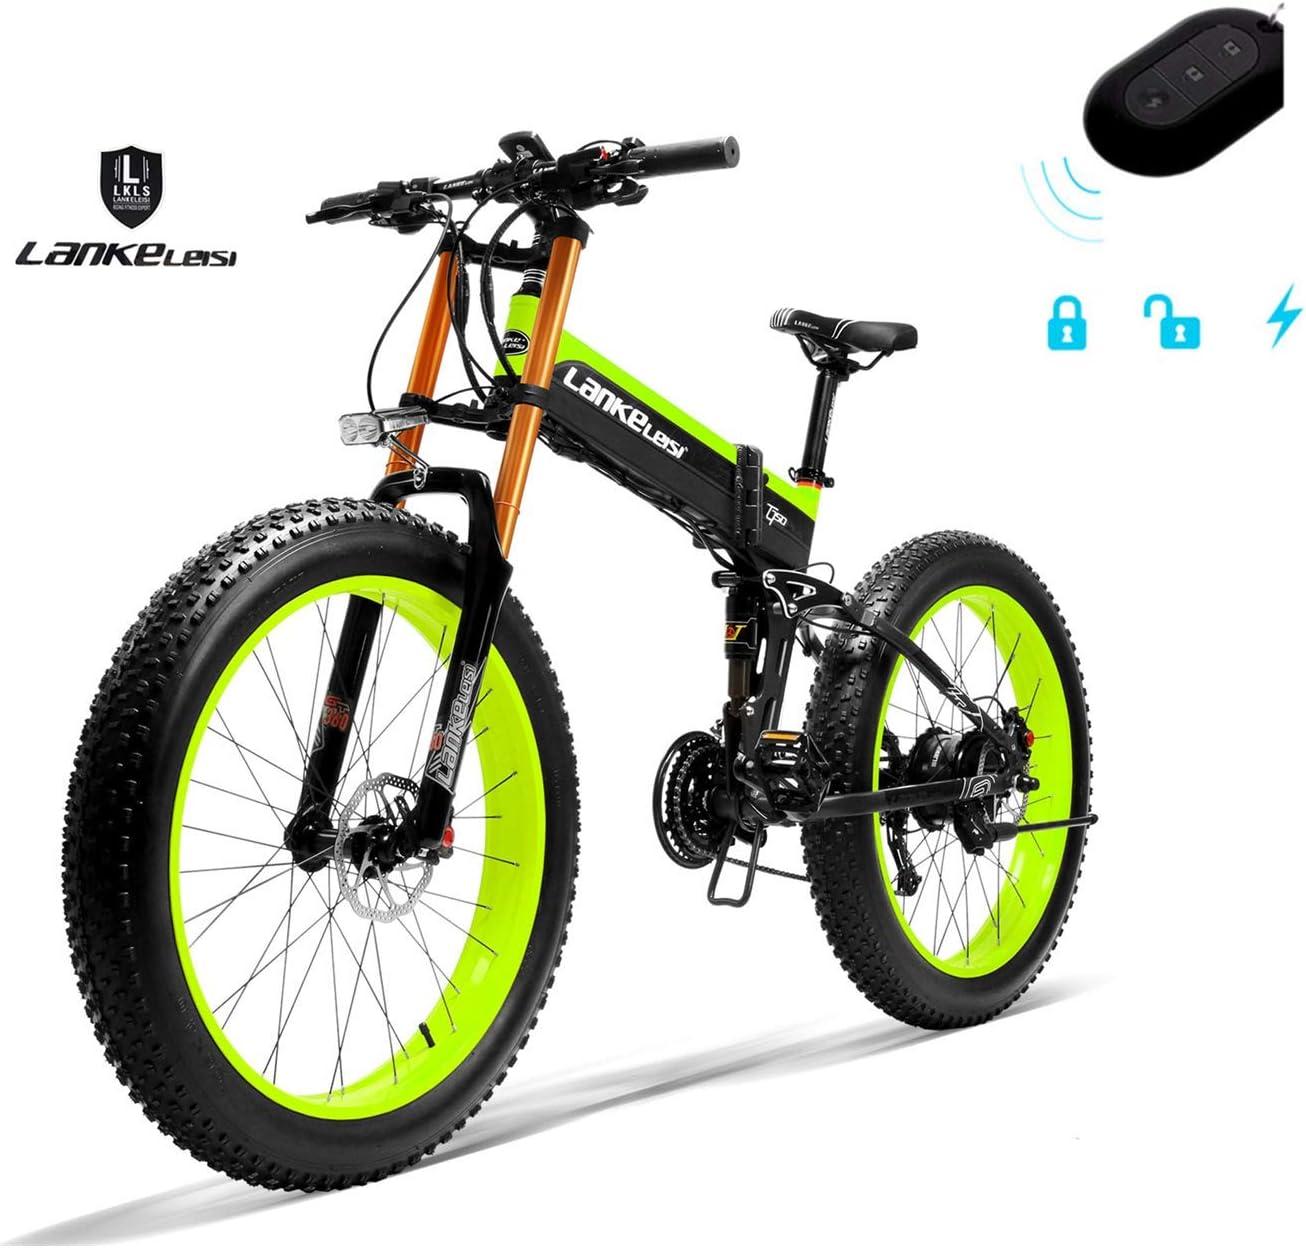 LANKELEISI 750PLUS 48V 14.5AH 1000W Motor allm/ächtiges elektrisches Fahrrad 26  4.0 Gro/ßhandelsreifen MTB das elektrisches Fahrrad f/ür Erwachsene Frau//Mann mit Diebstahlsicherung faltet